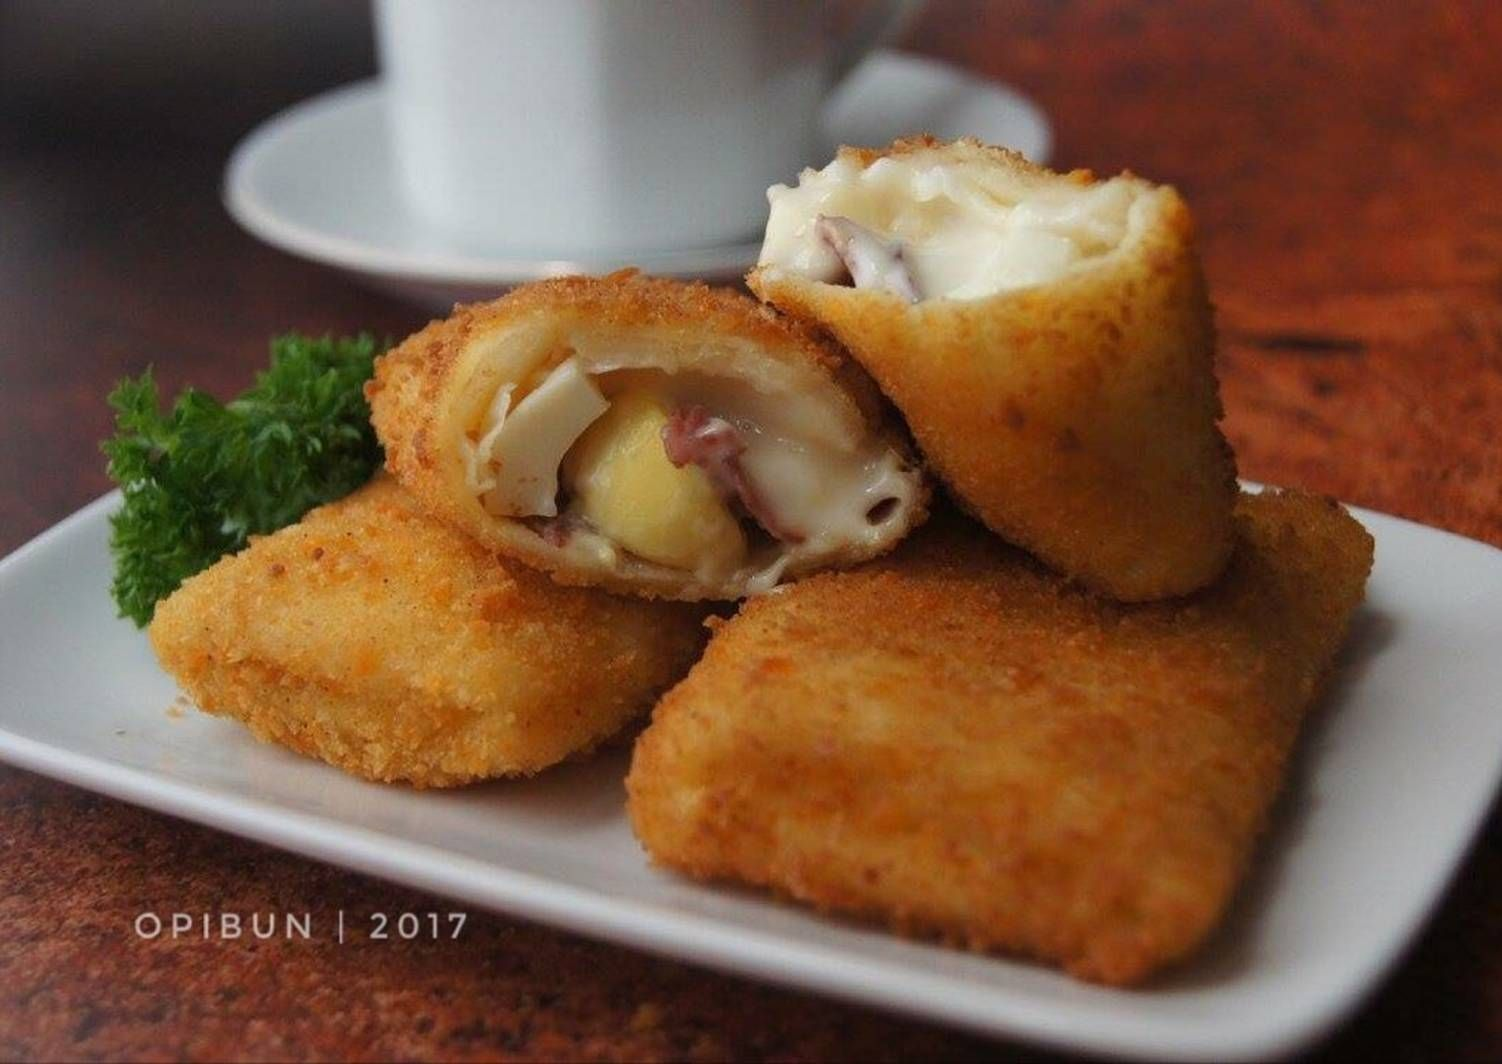 Resep Amris Risol Mayo Oleh Opibun Resep Resep Makanan Makanan Dan Minuman Resep Masakan Indonesia